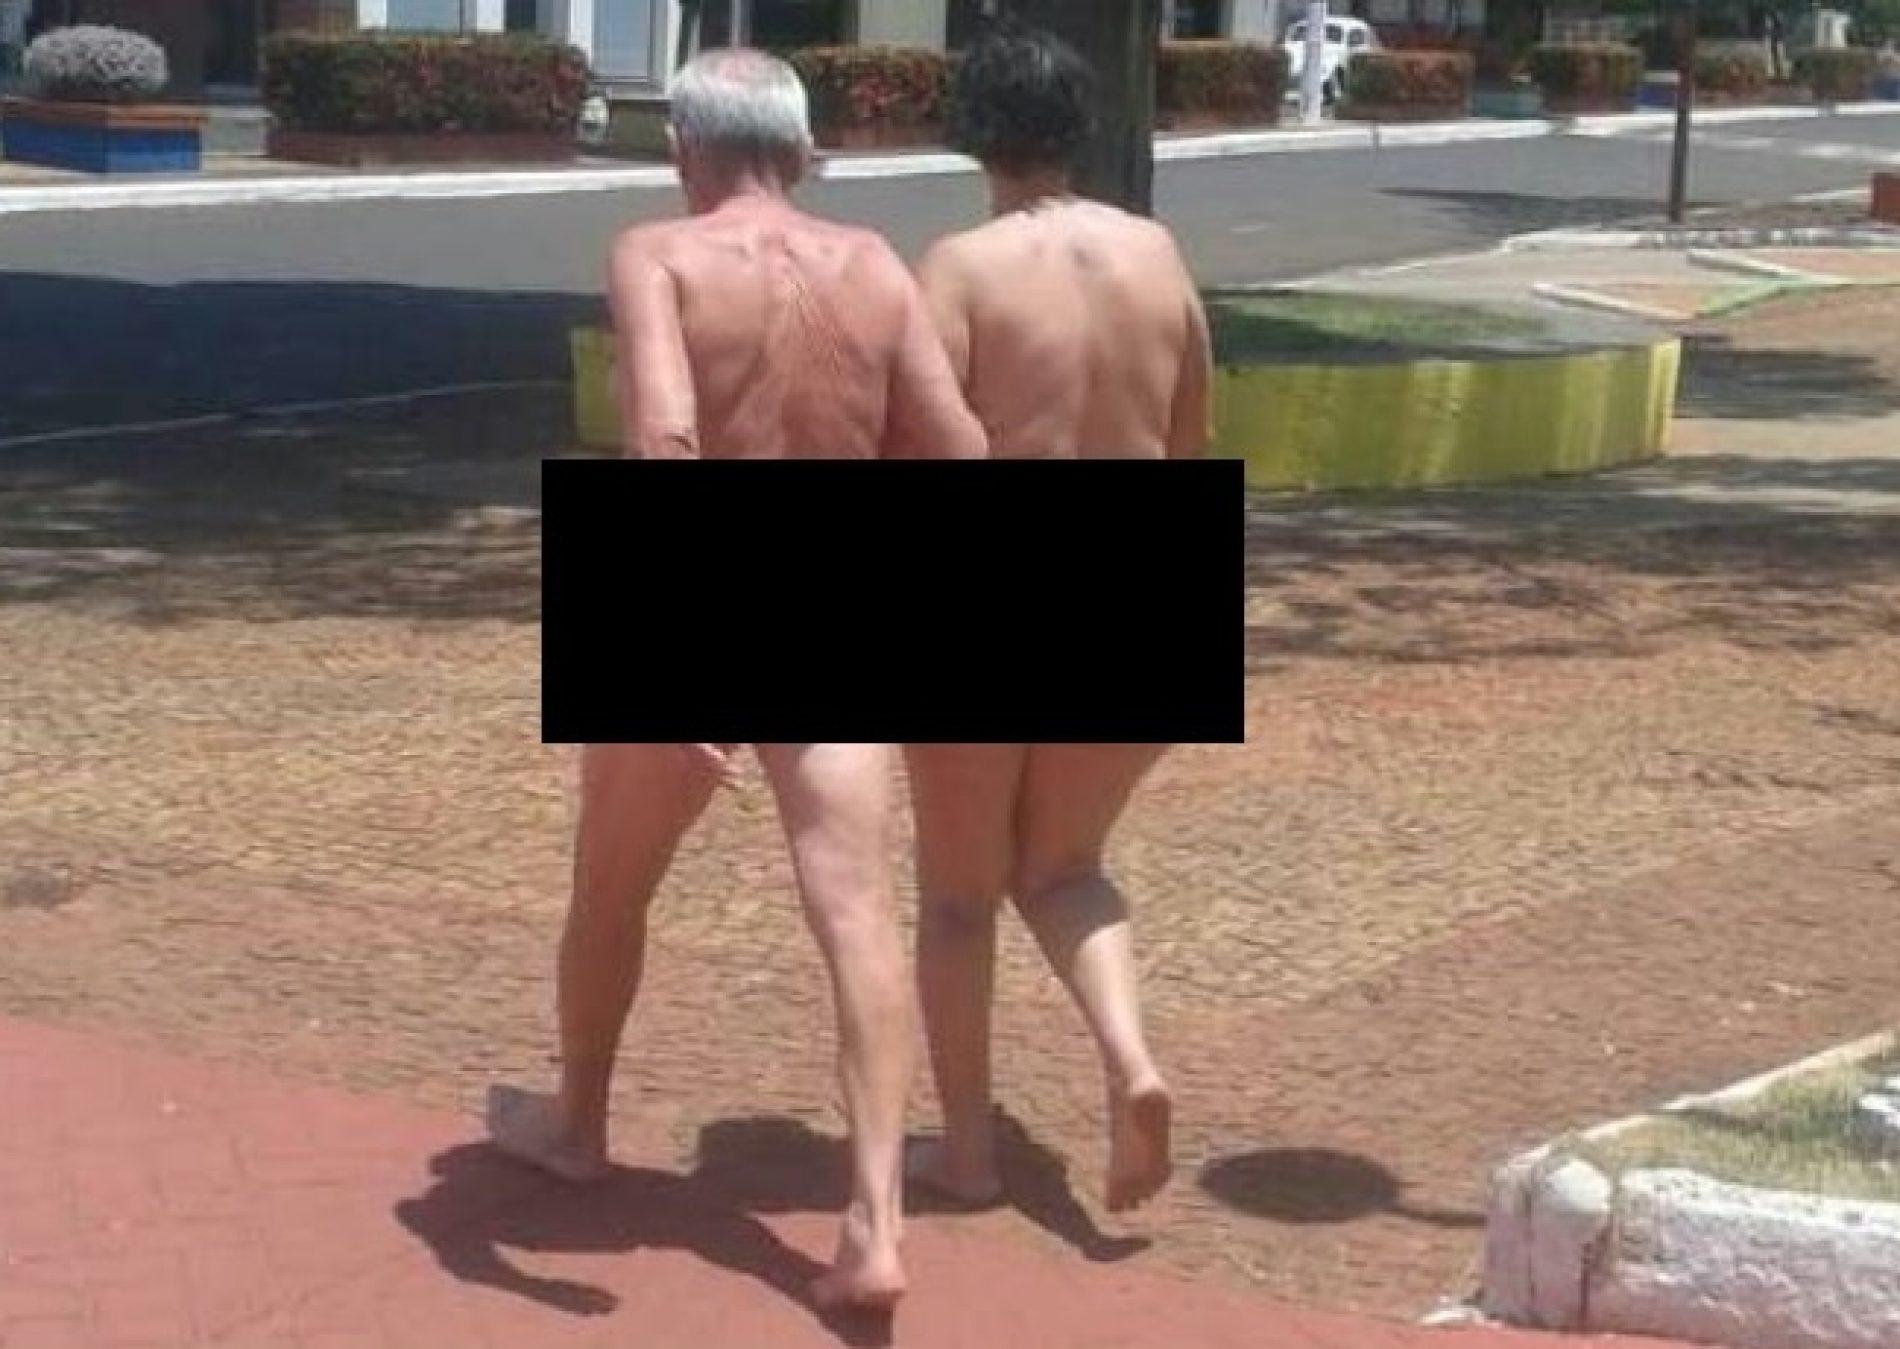 REGIÃO: Casal de idosos é flagrado nu pelas ruas